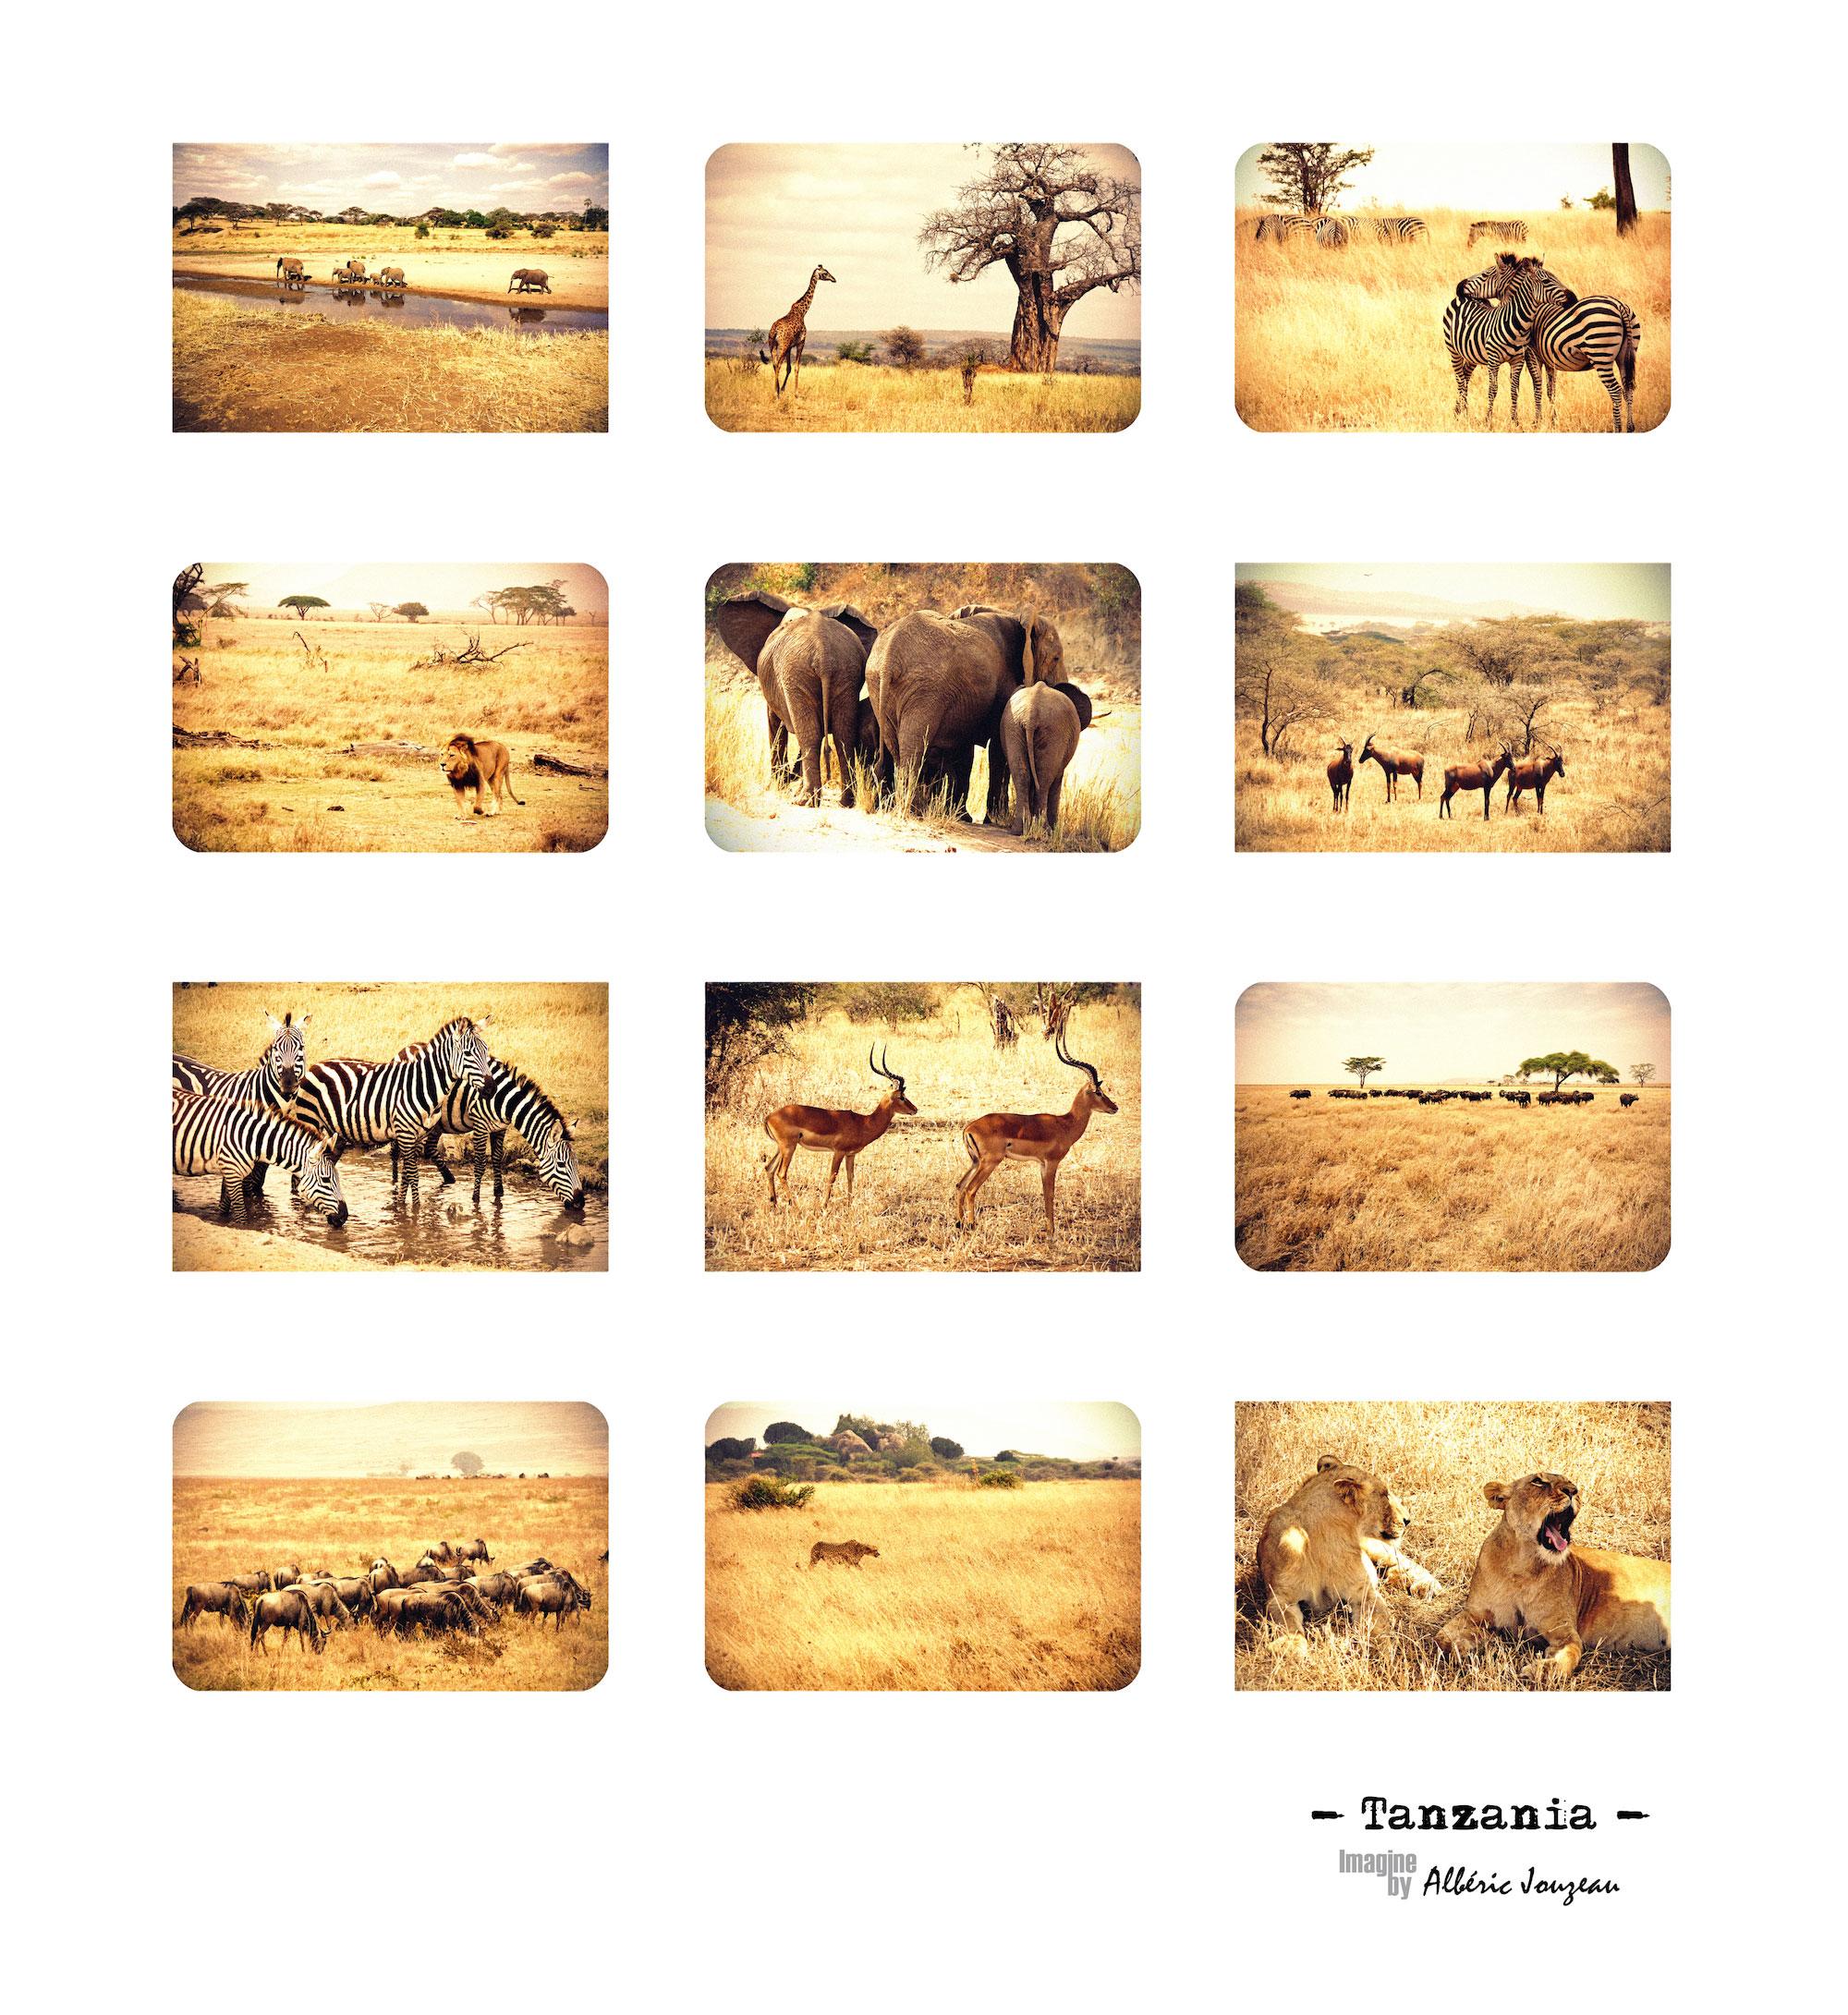 tanzania-compo-alberic-jouzeau-imagine-tableau